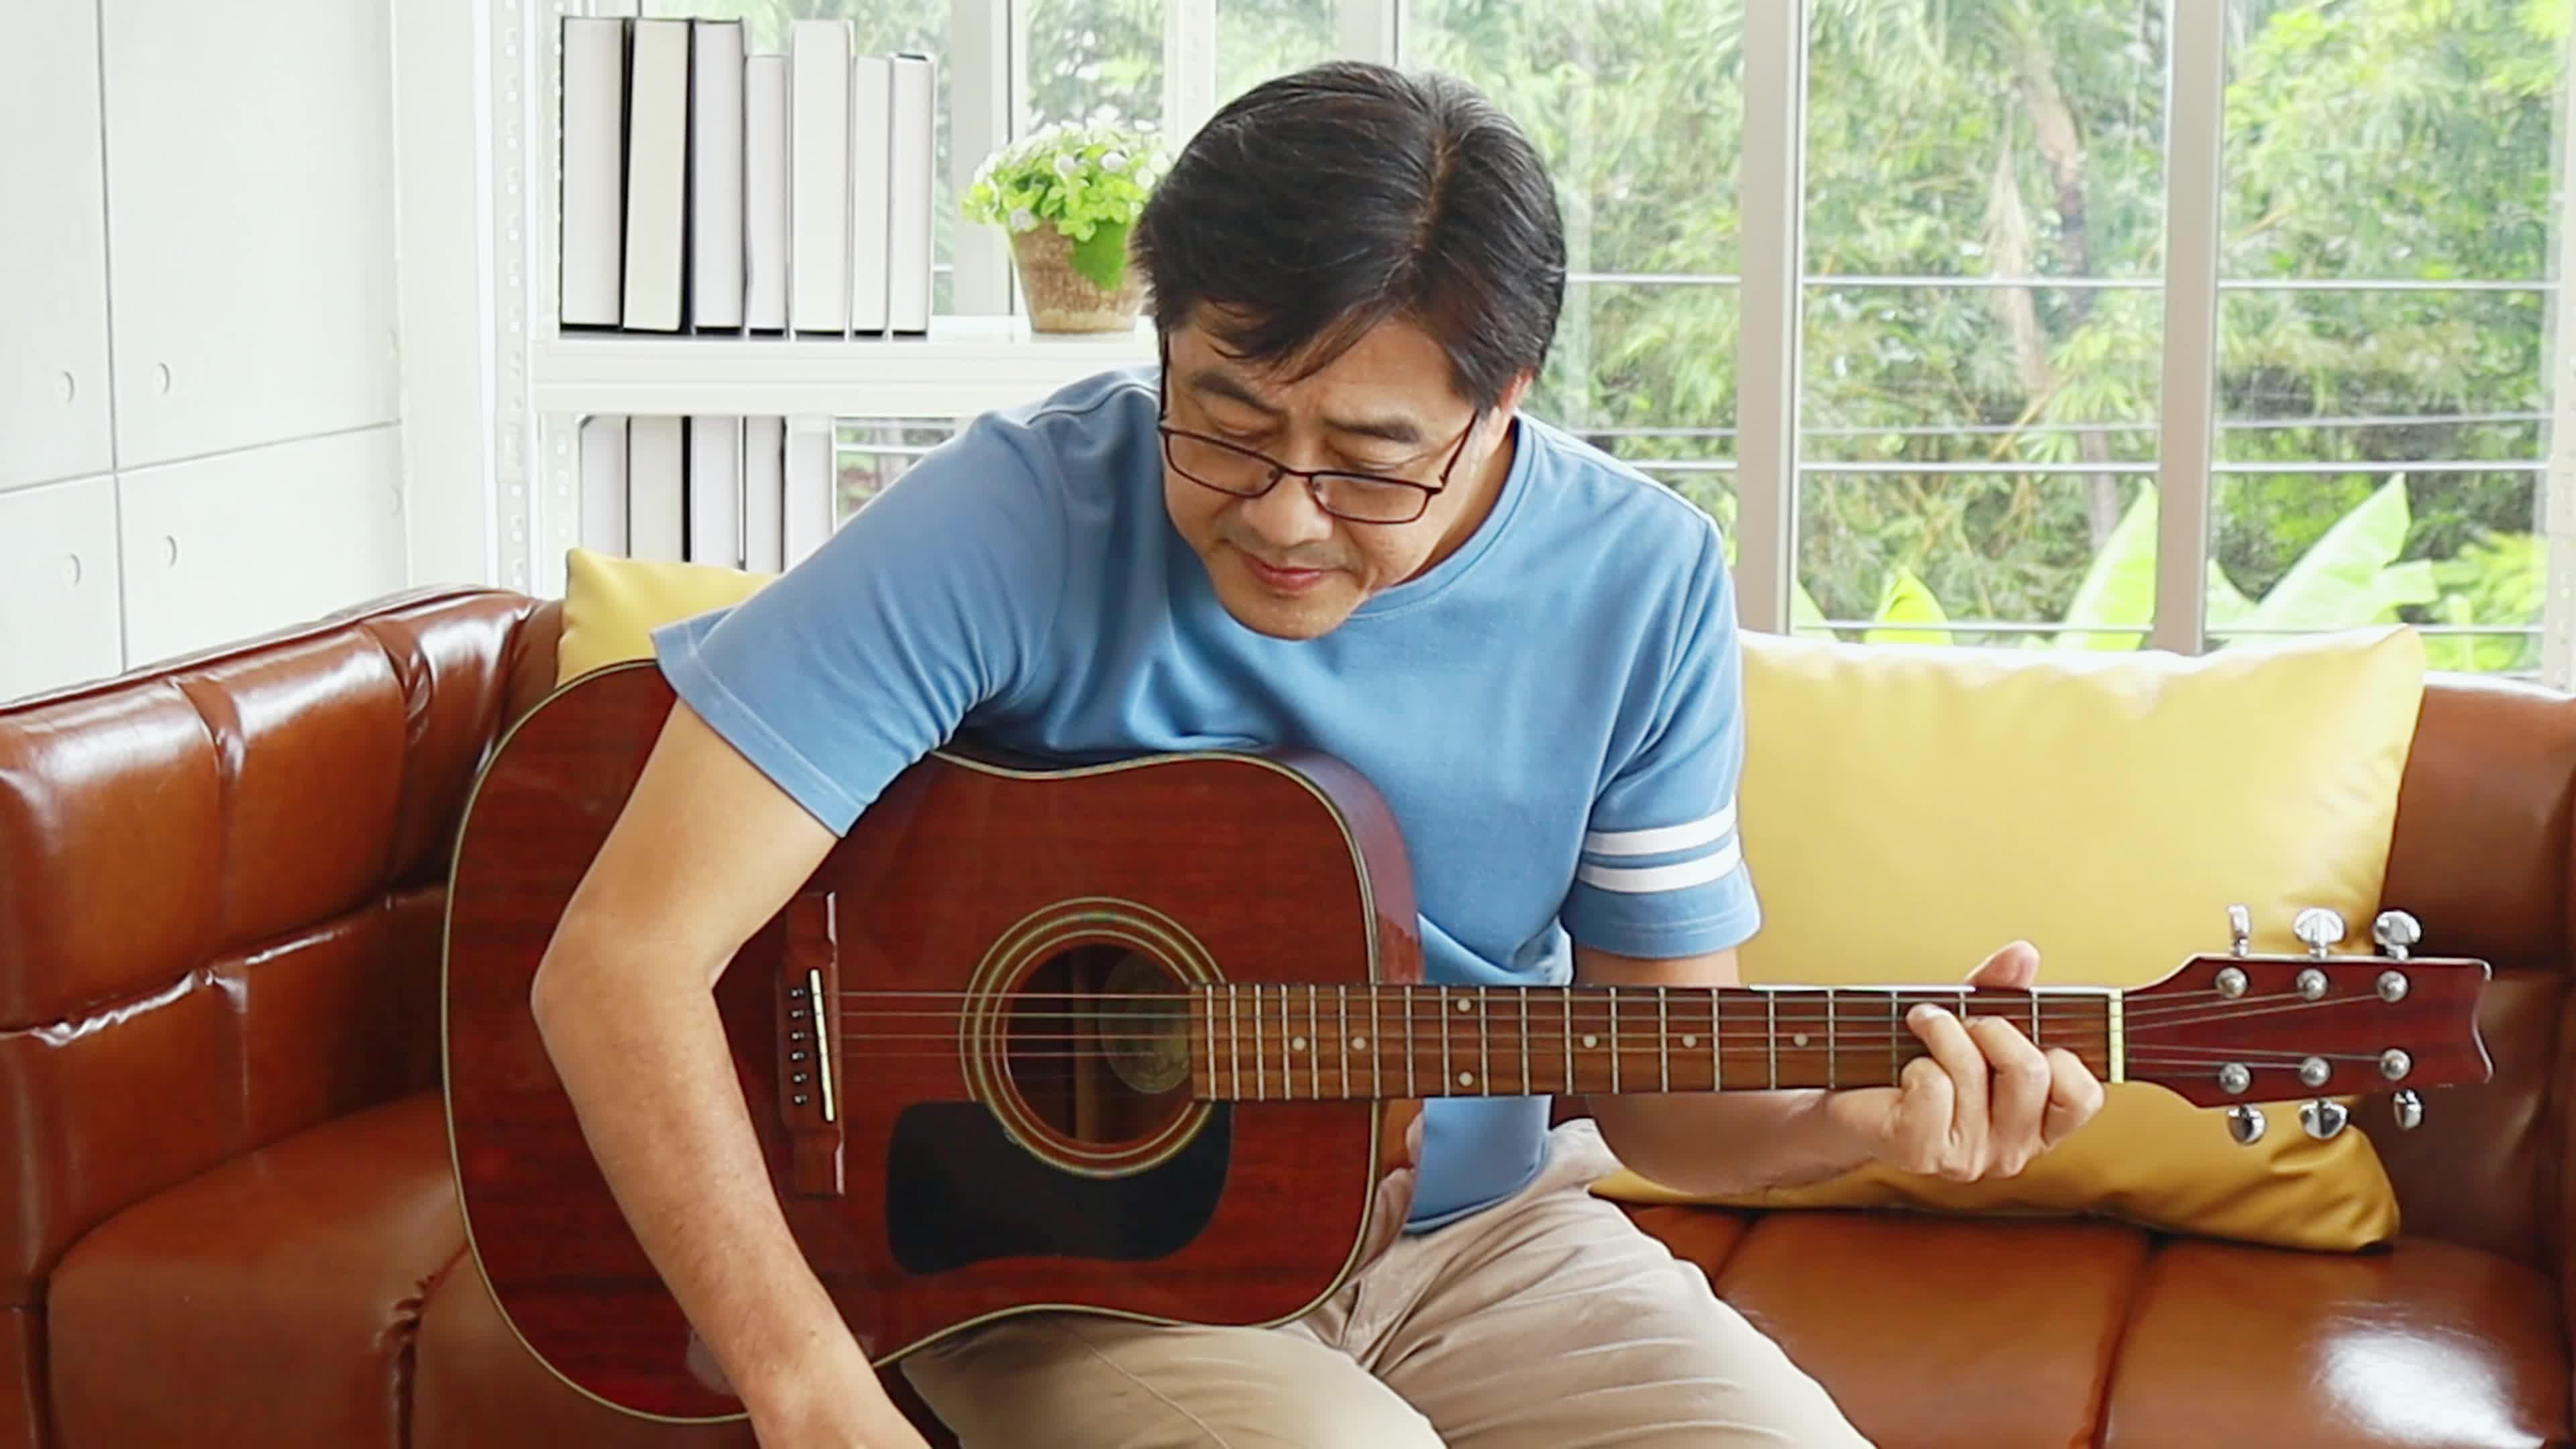 Những lợi ích khi học đánh đàn guitar bạn cần biết